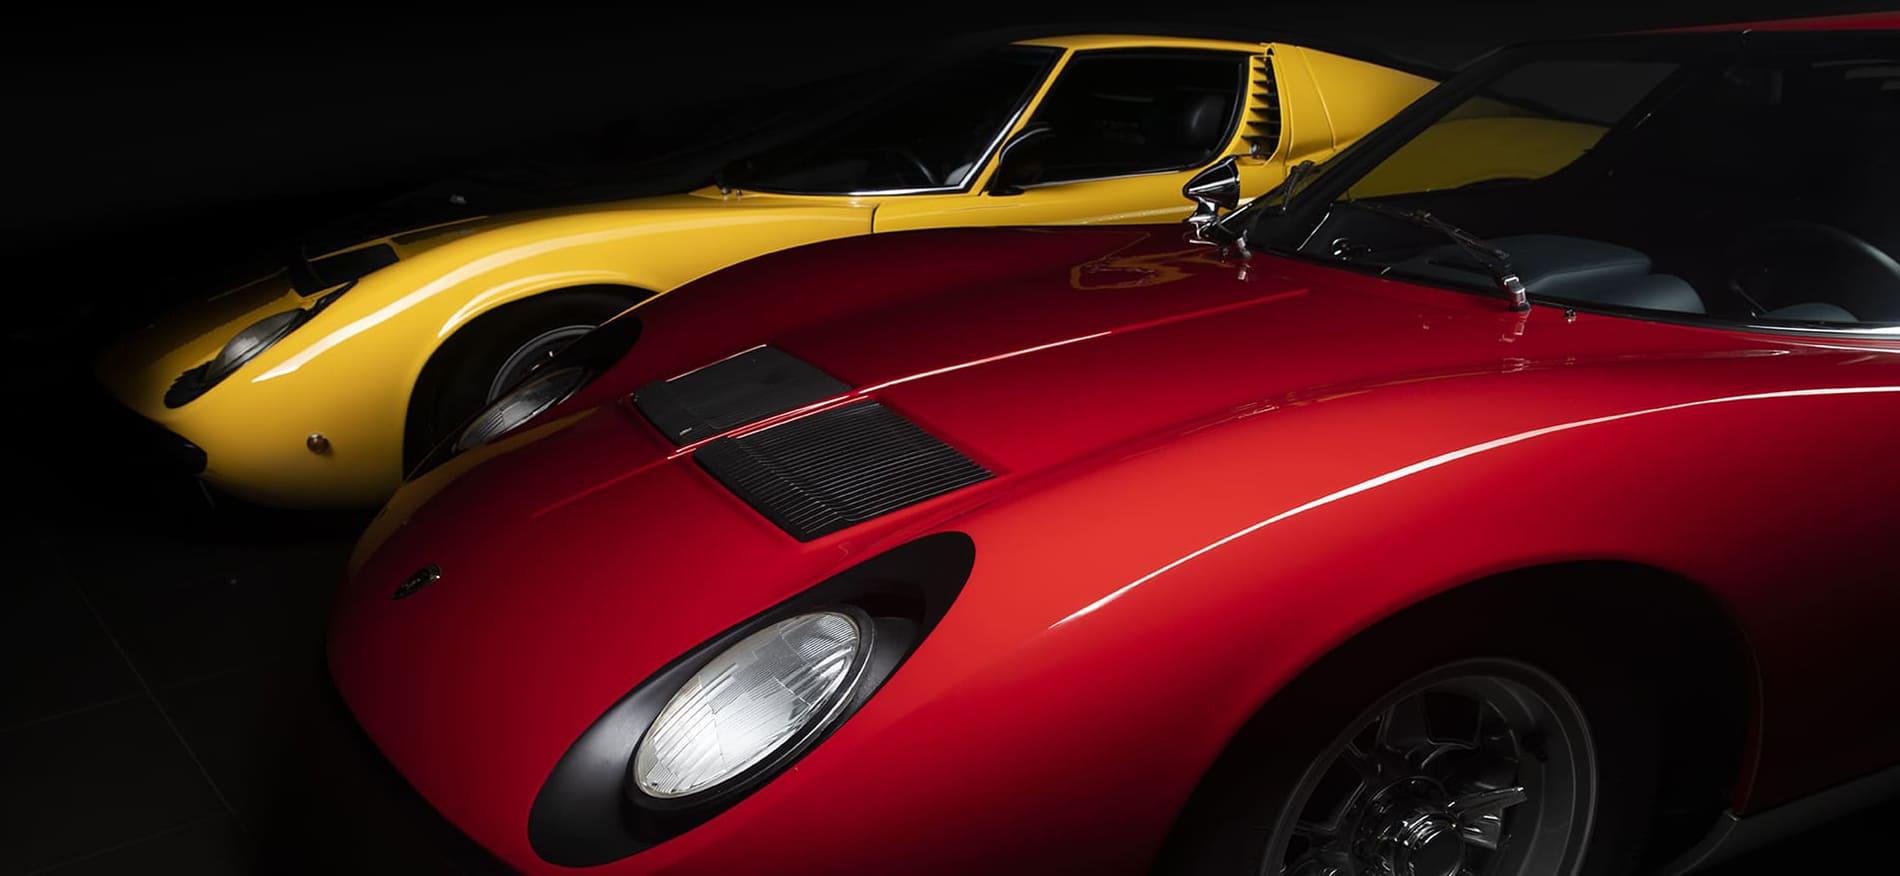 Lamborghini Miura Rouge et Jaune au Car Museum Club - Vence